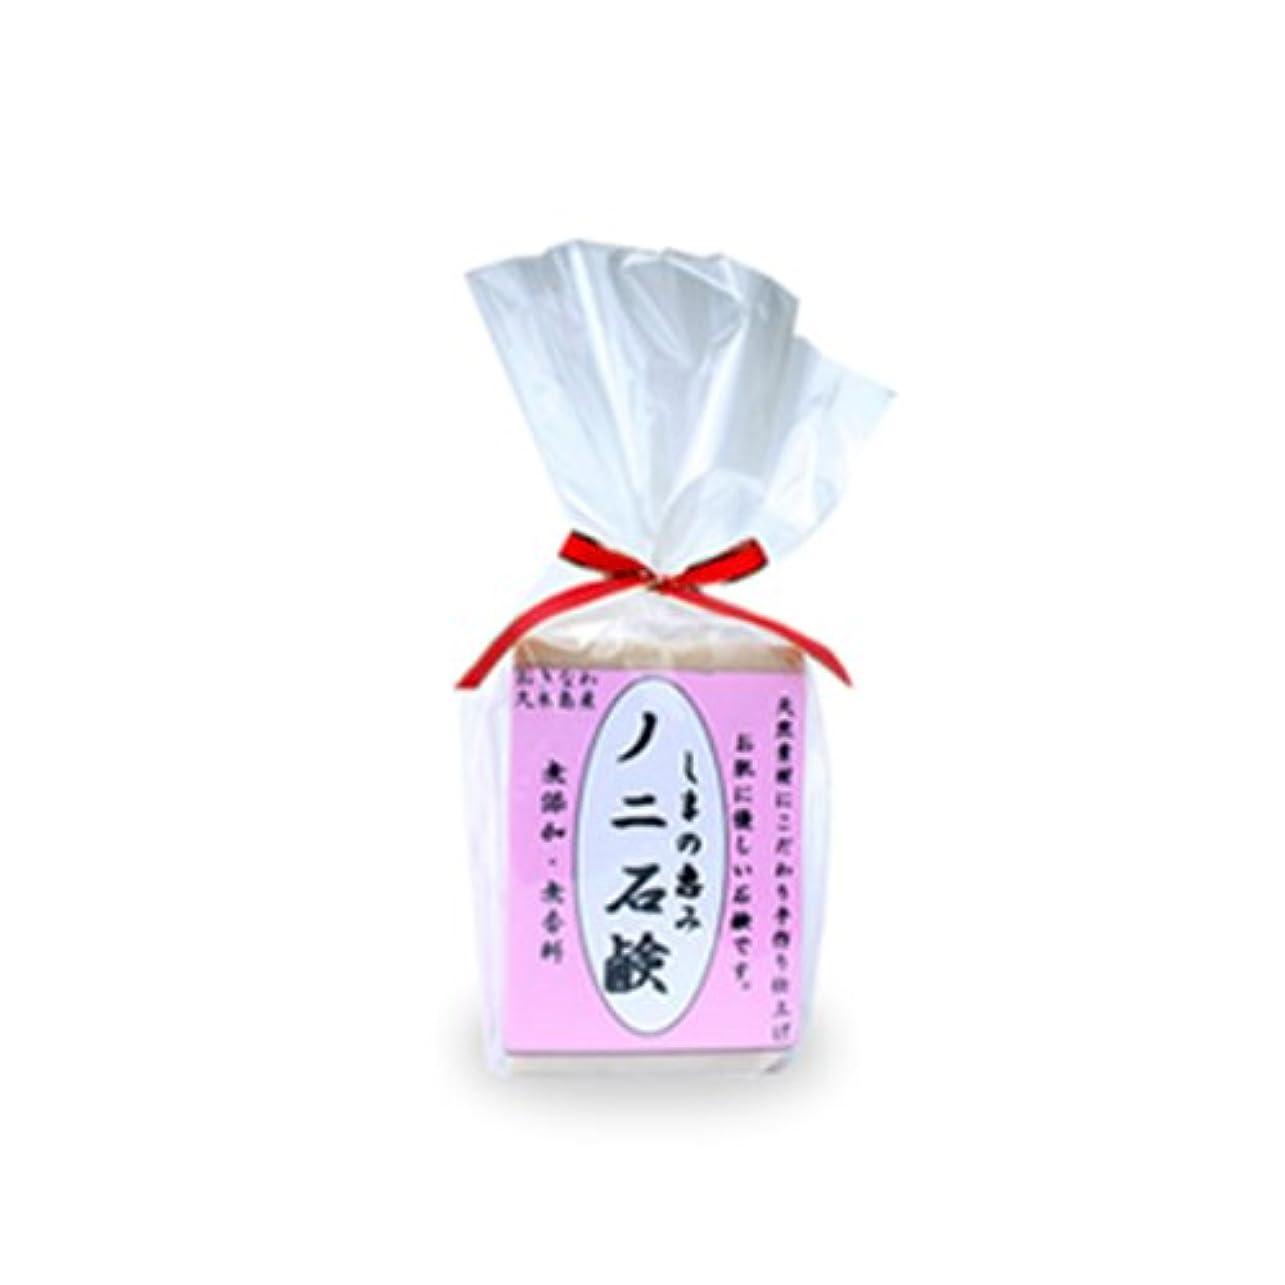 確率ありふれた機会ノ二石鹸×5個 久米島物産販売 沖縄の海洋深層水ミネラルとノニを配合した無添加ソープ